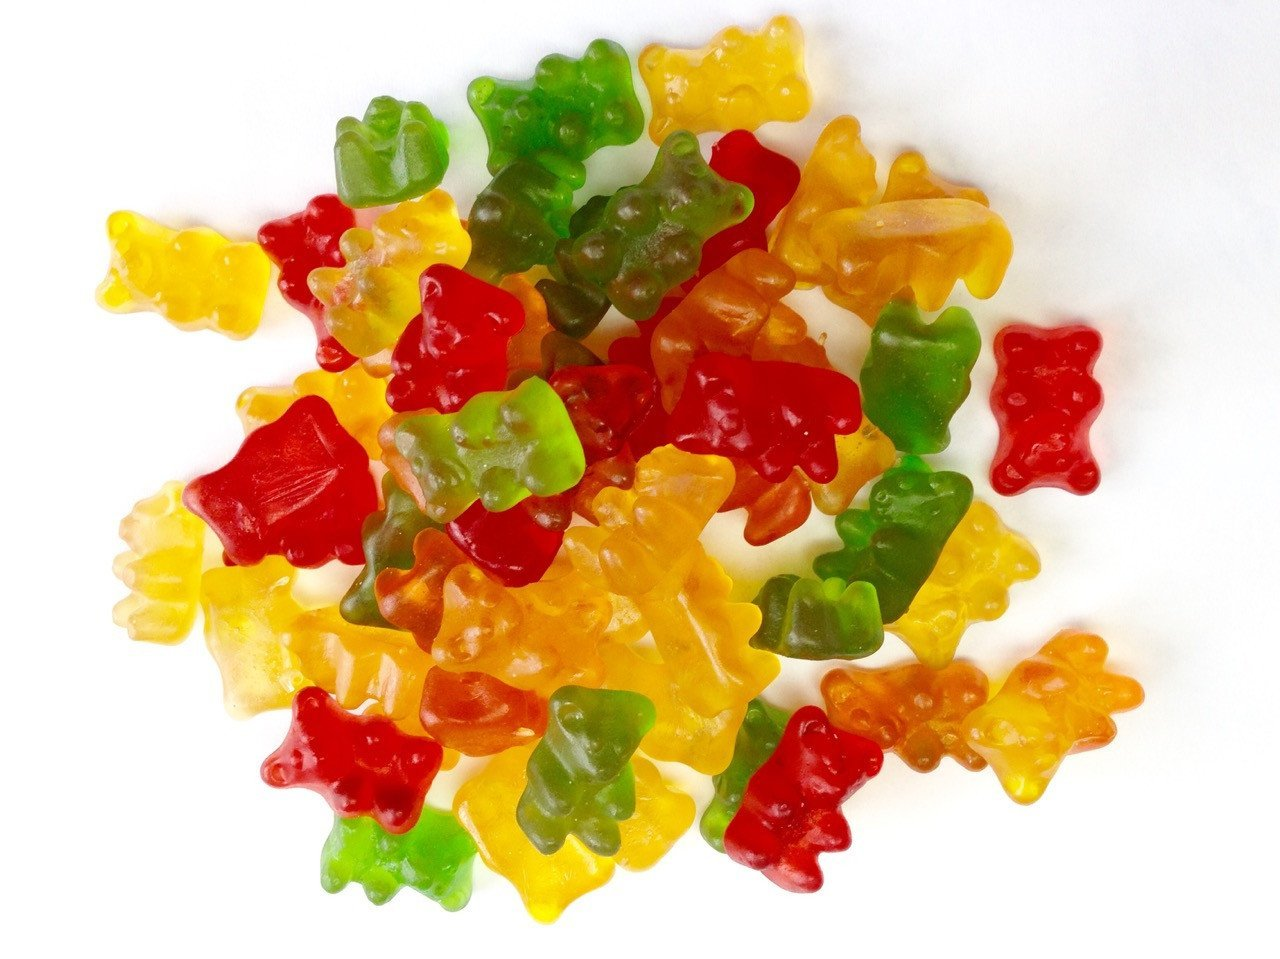 Містять консерванти: вітаміни у желейних цукерках небезпечні для дітей